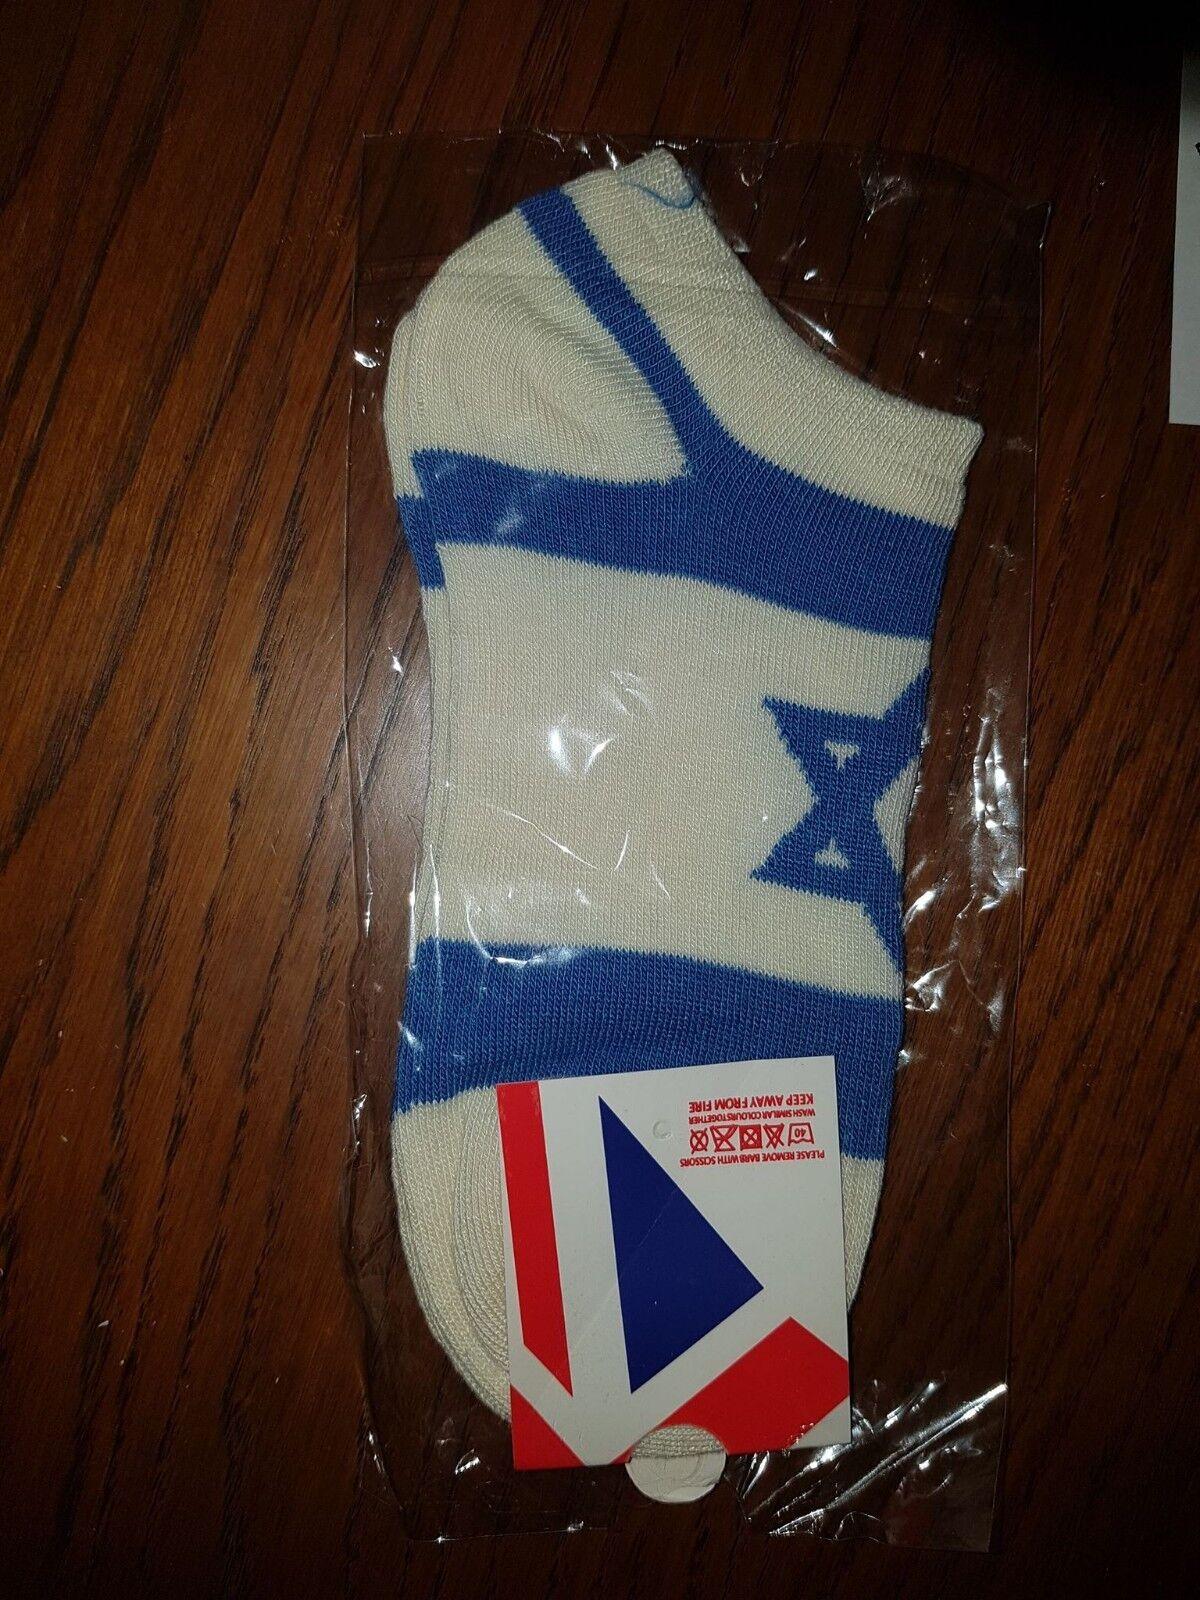 une paire de chaussettes elegantes en motif de drapeau d'israel pour les ho c6m3